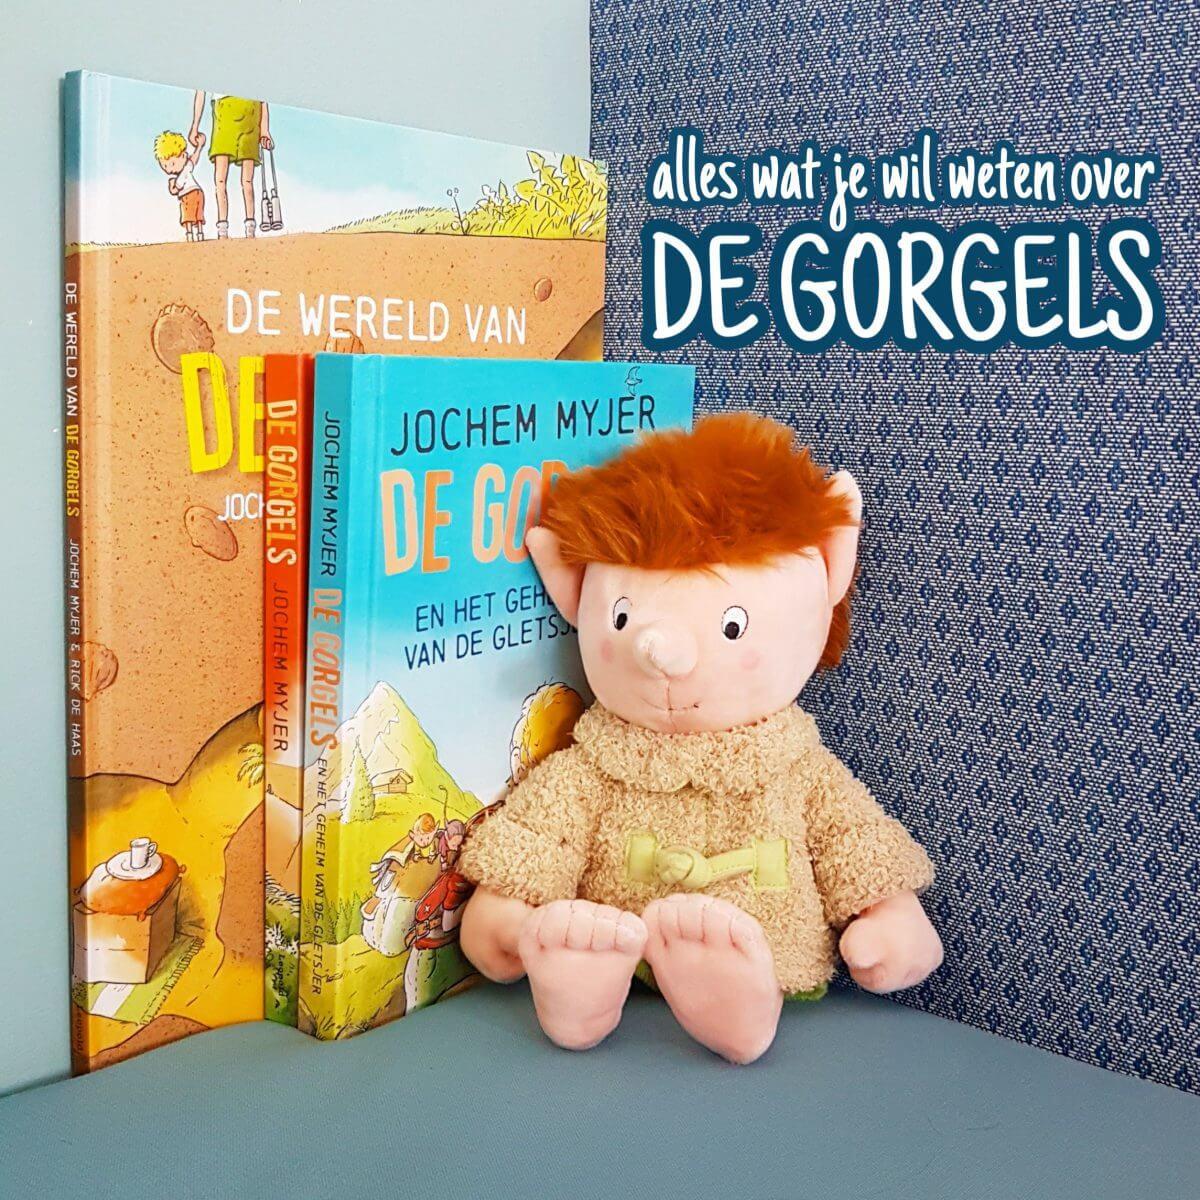 Alles wat je wil weten over de Gorgels, leuk voor een spreekbeurt of boekbespreking voor fans van de Gorgels